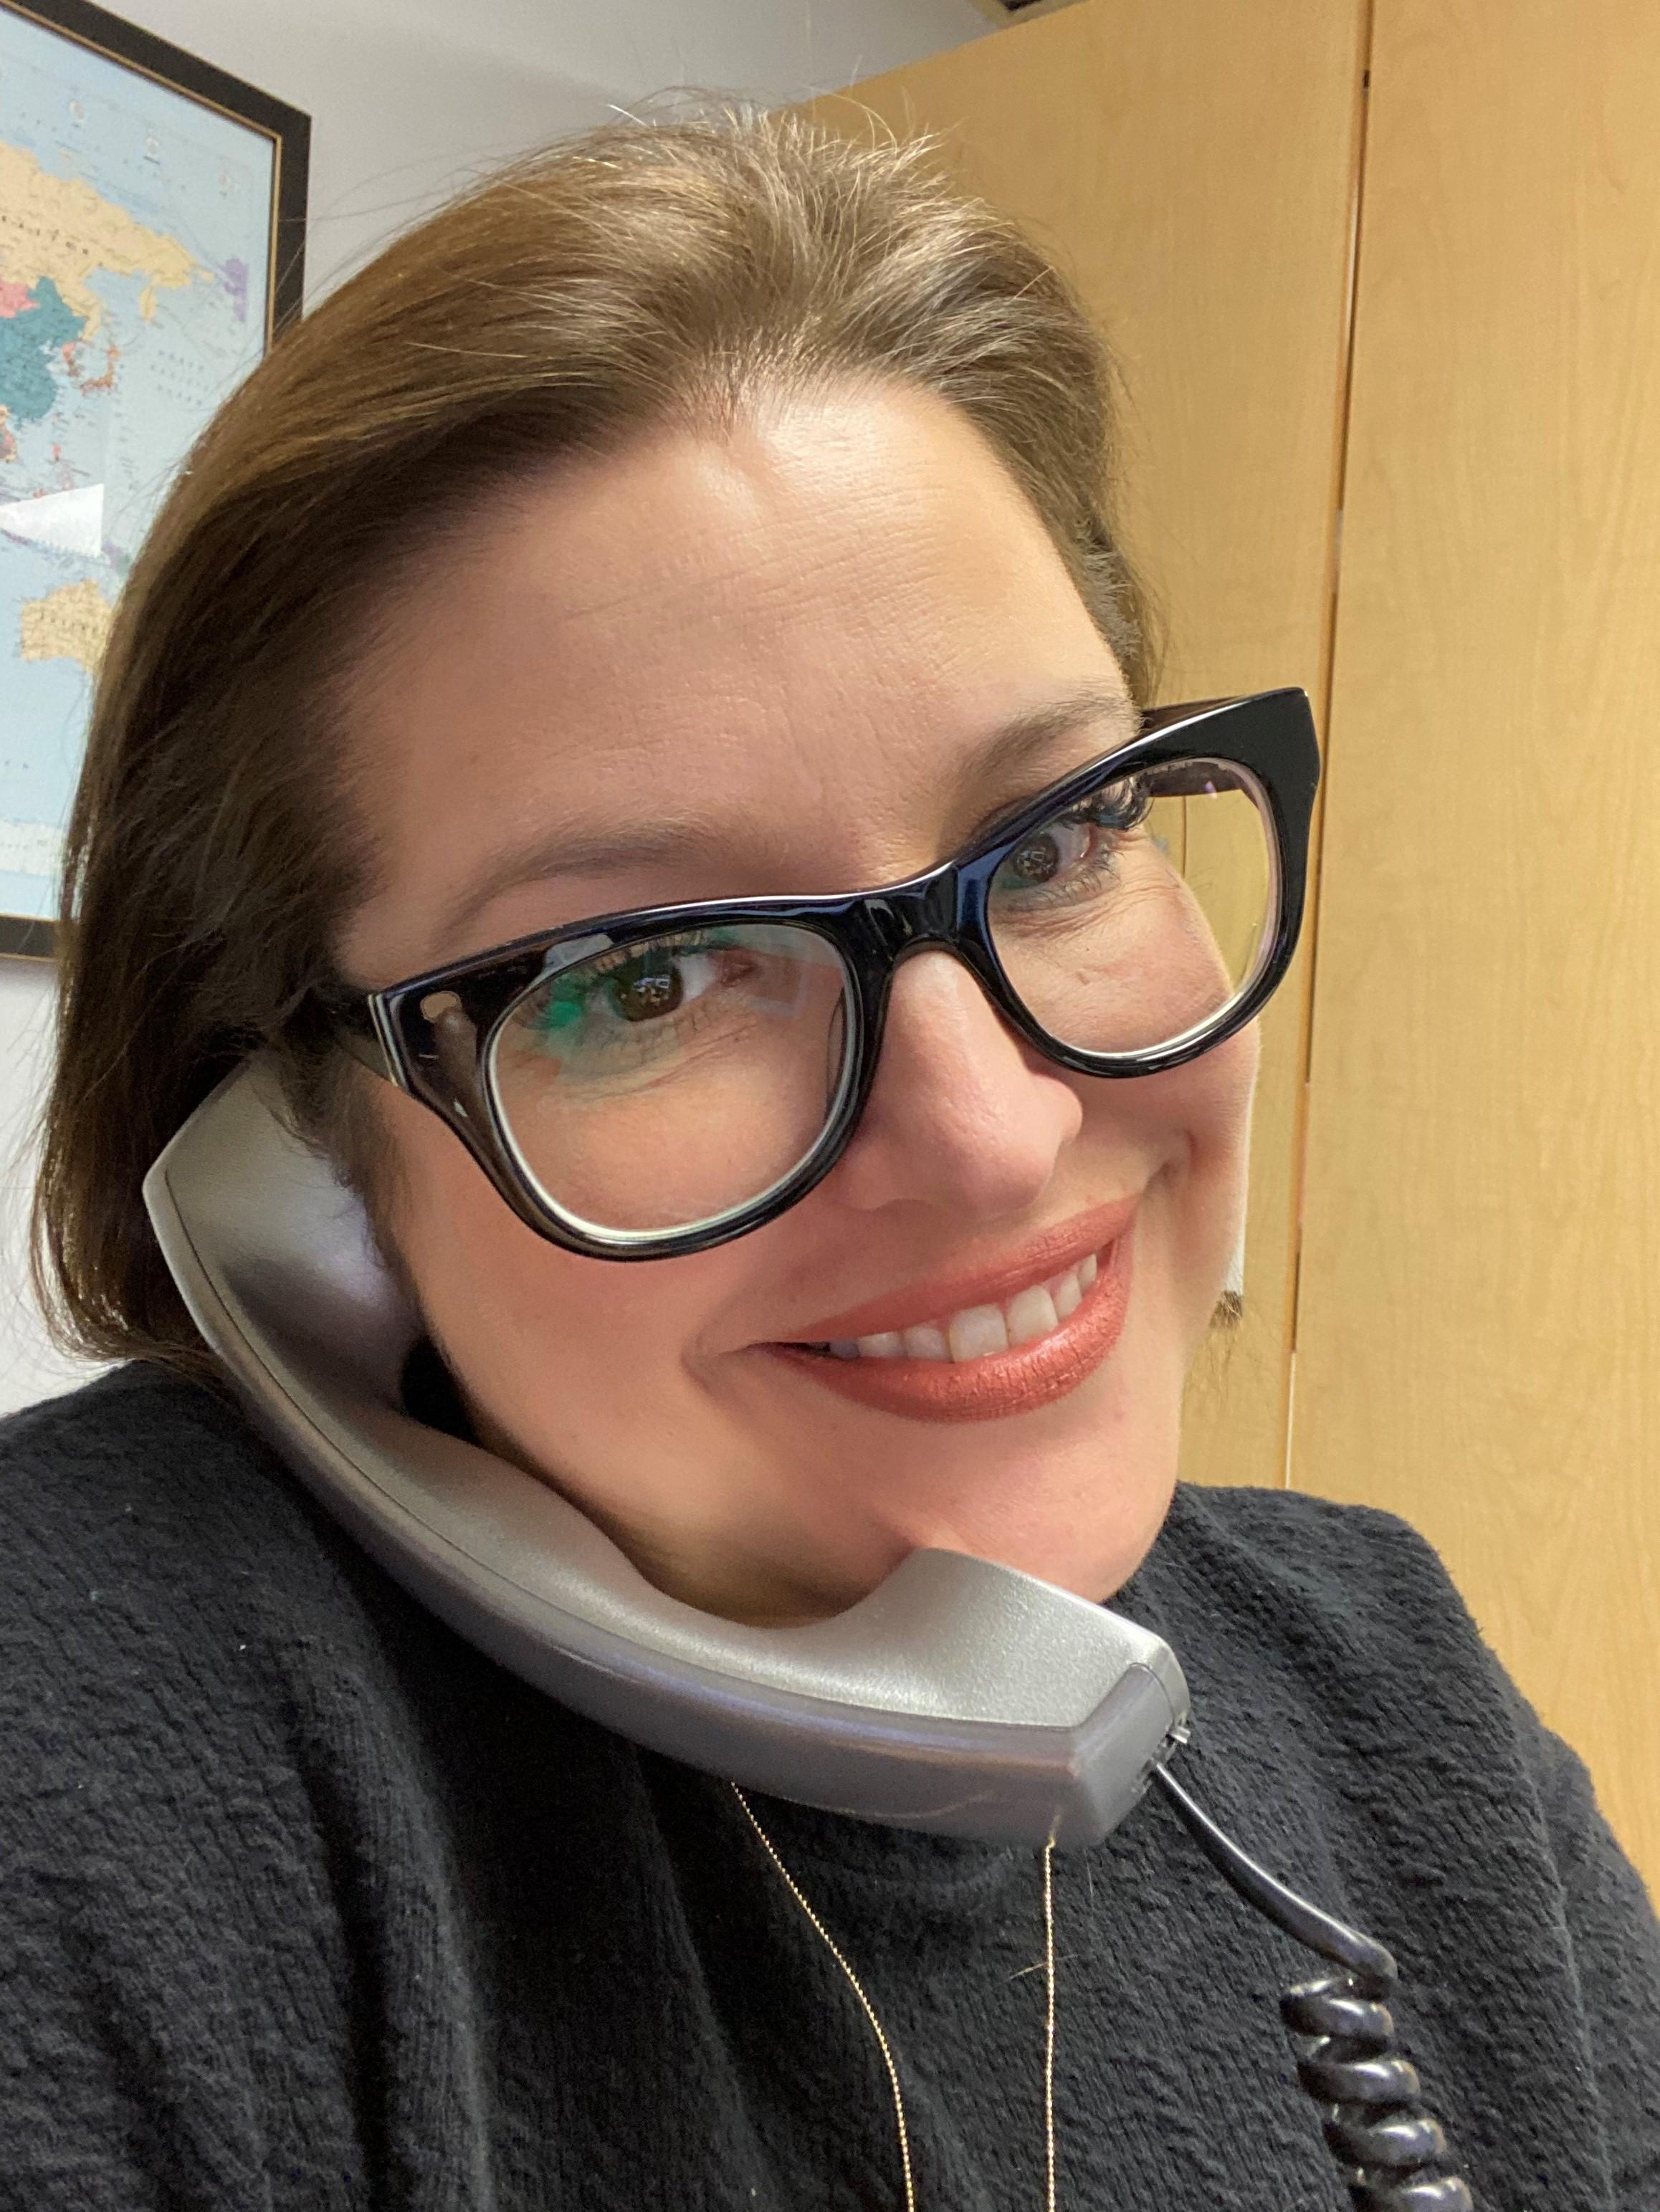 30 Minute Phone Meeting